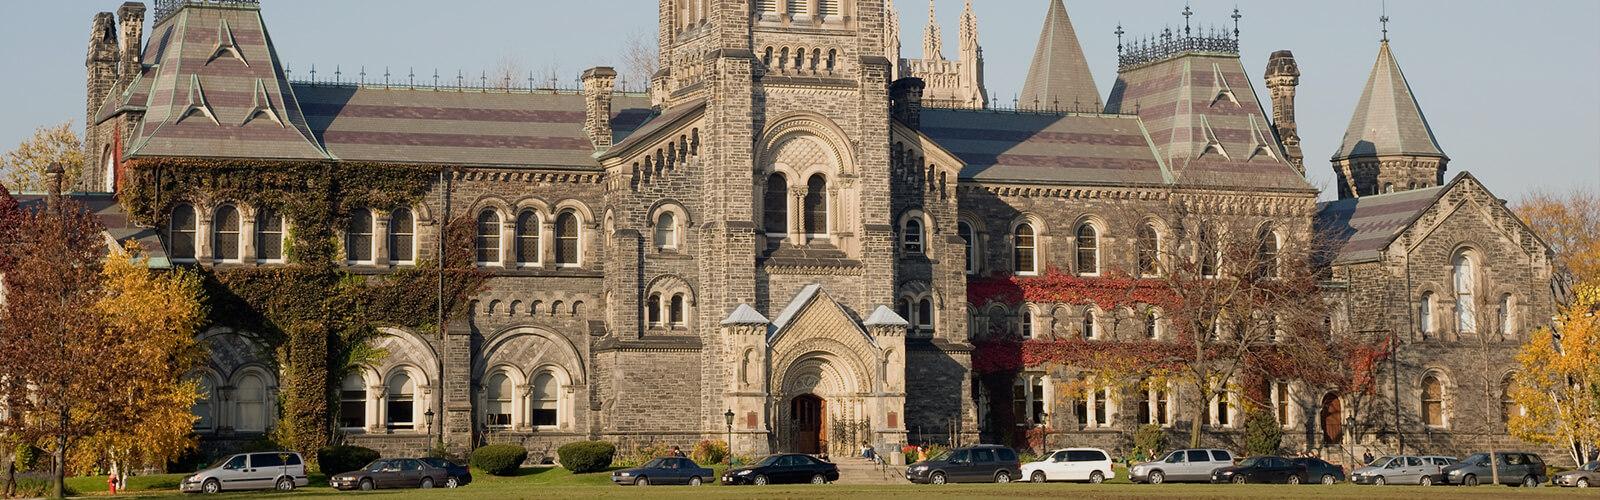 University of Toronto's University College building